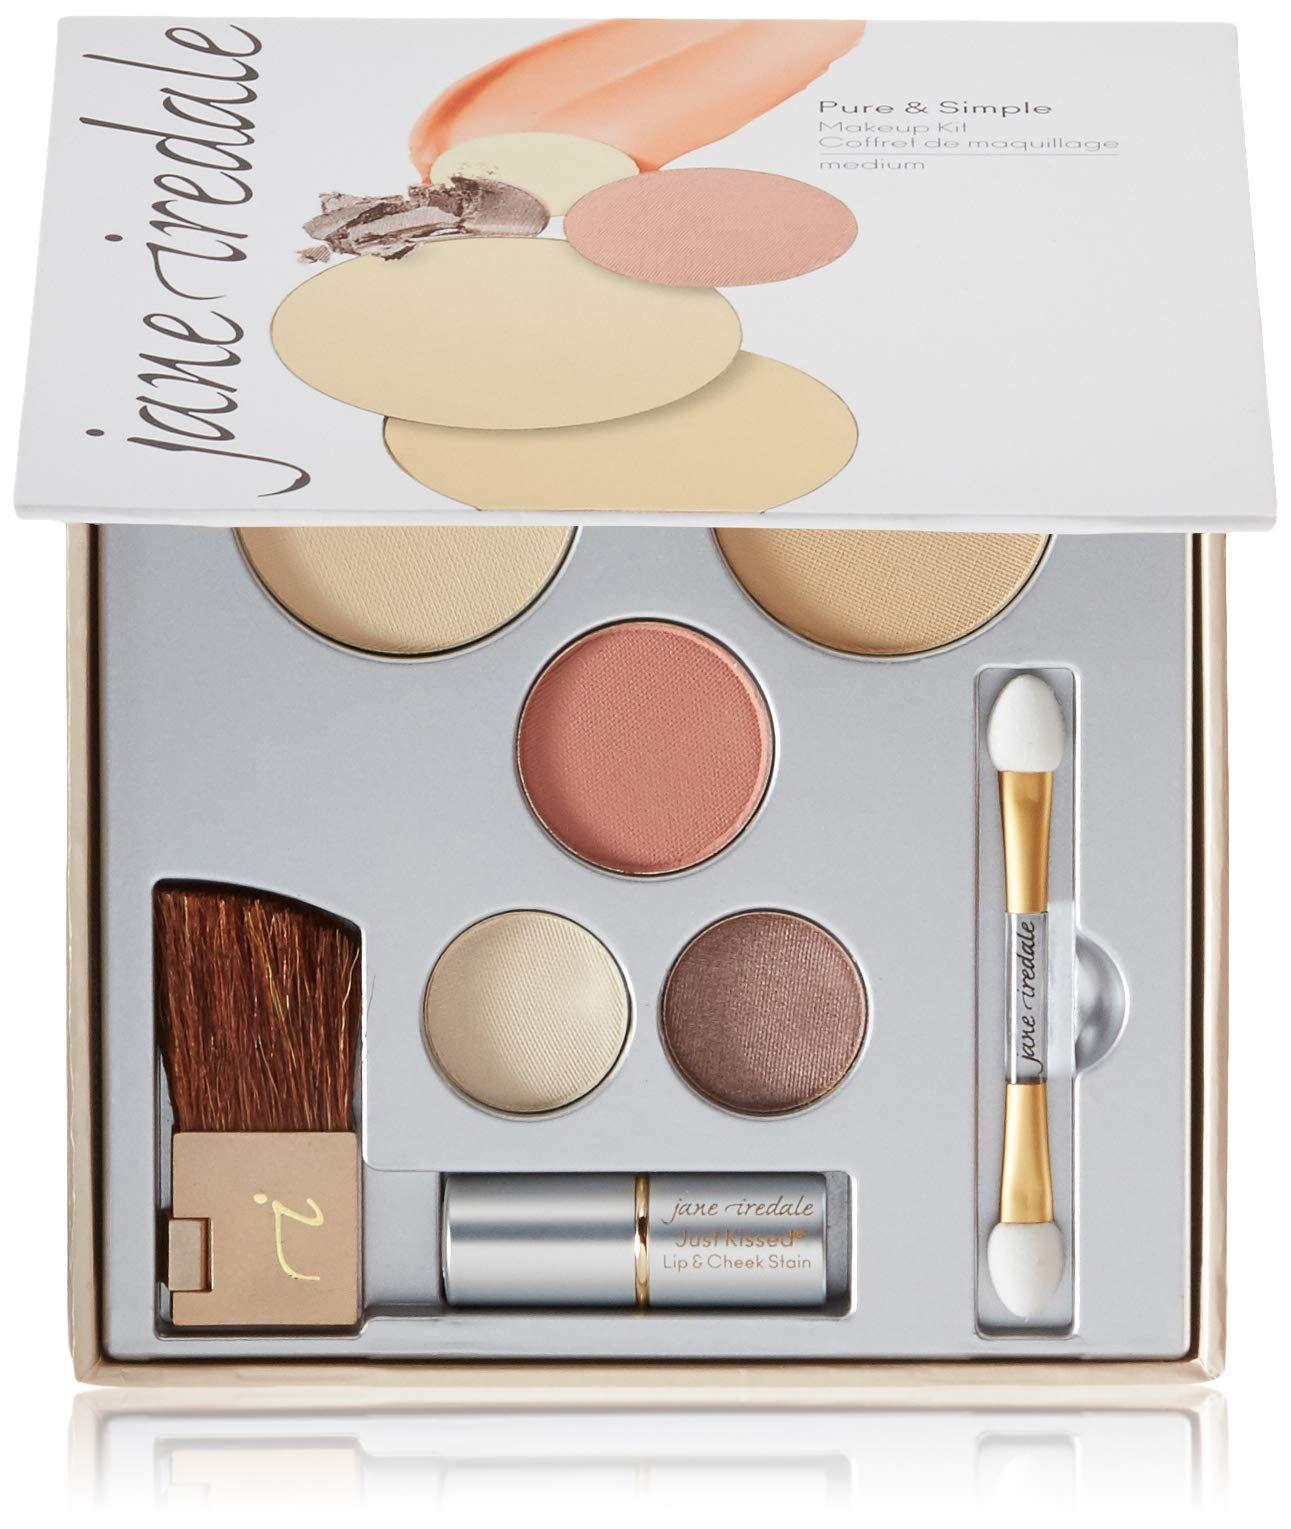 jane iredale Pure & Simple Makeup Kit diet buy ketodiet